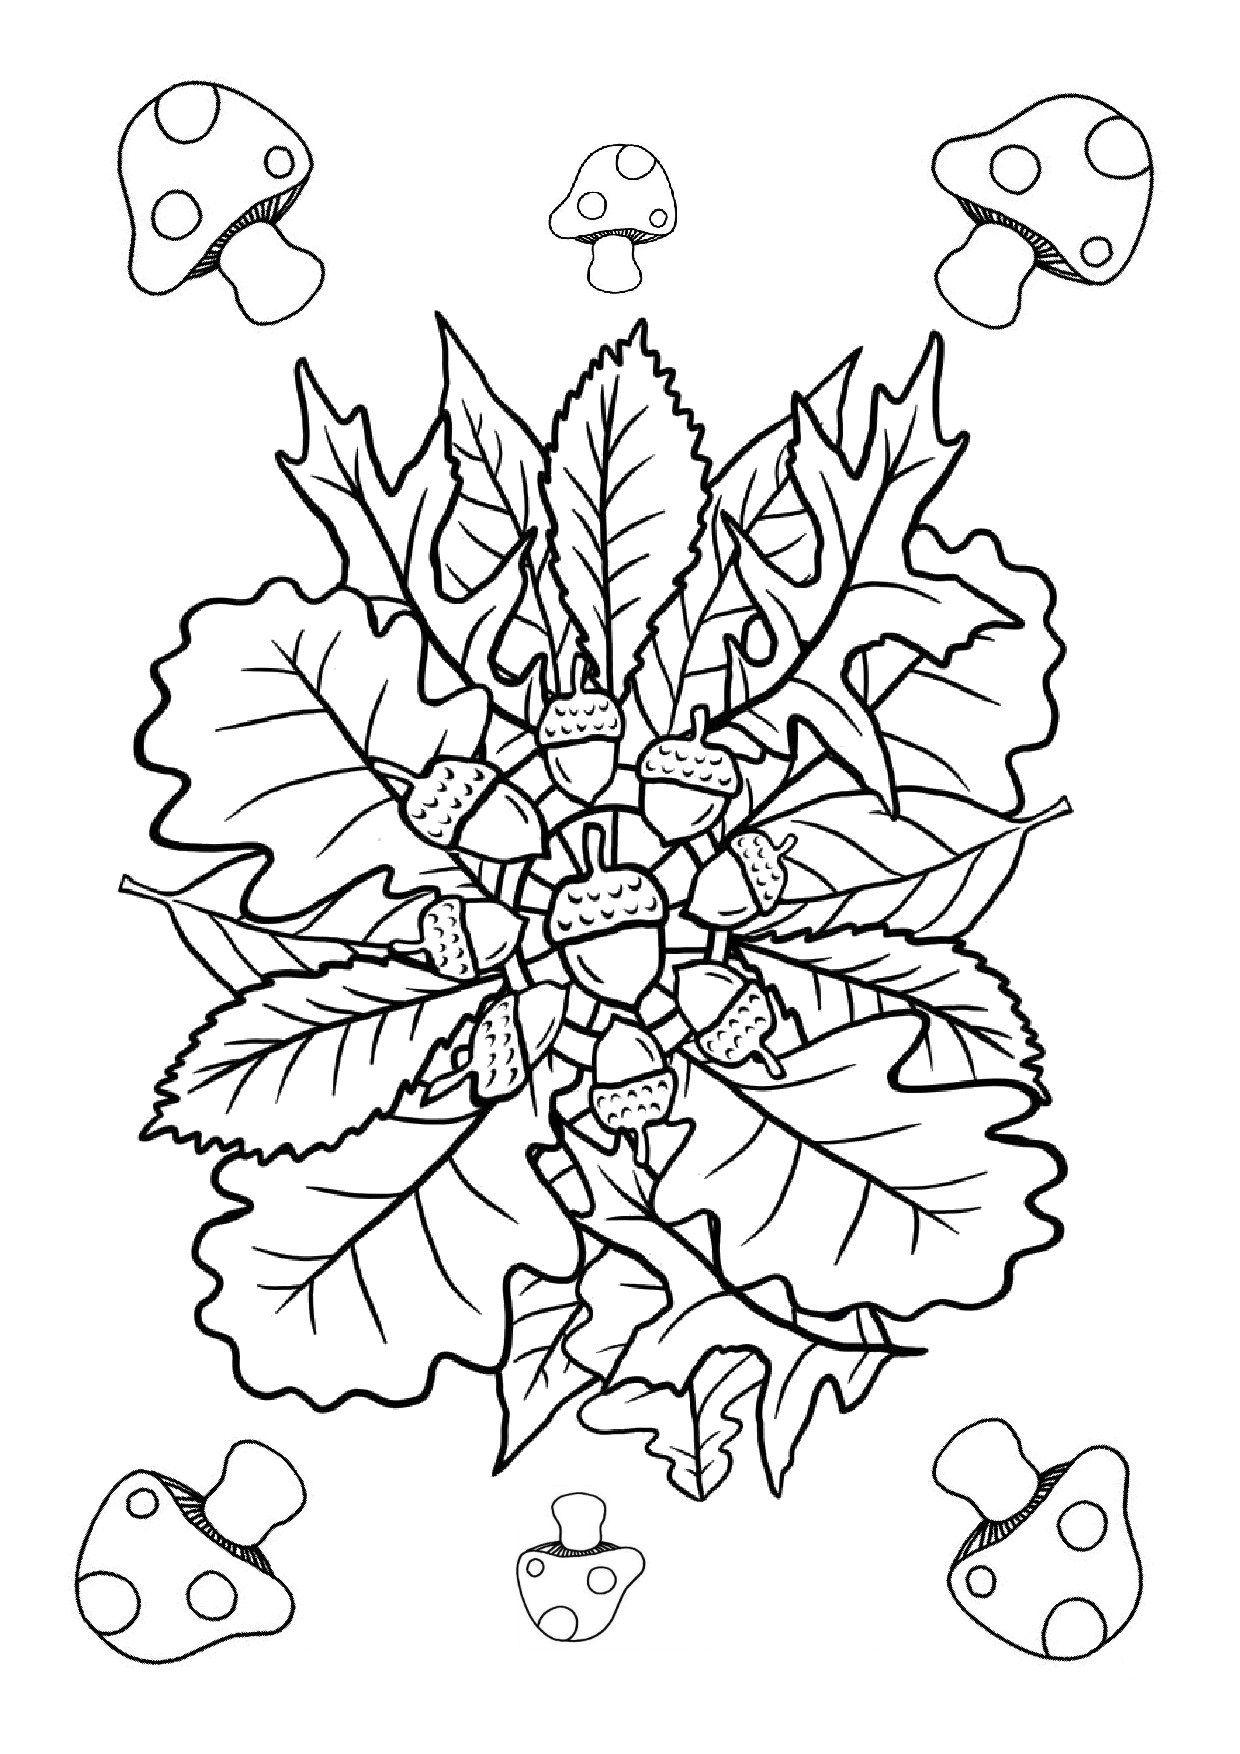 Mandala fruit d 39 automne automne pinterest automne coloriage et fruit - Coloriage feuilles d automne ...